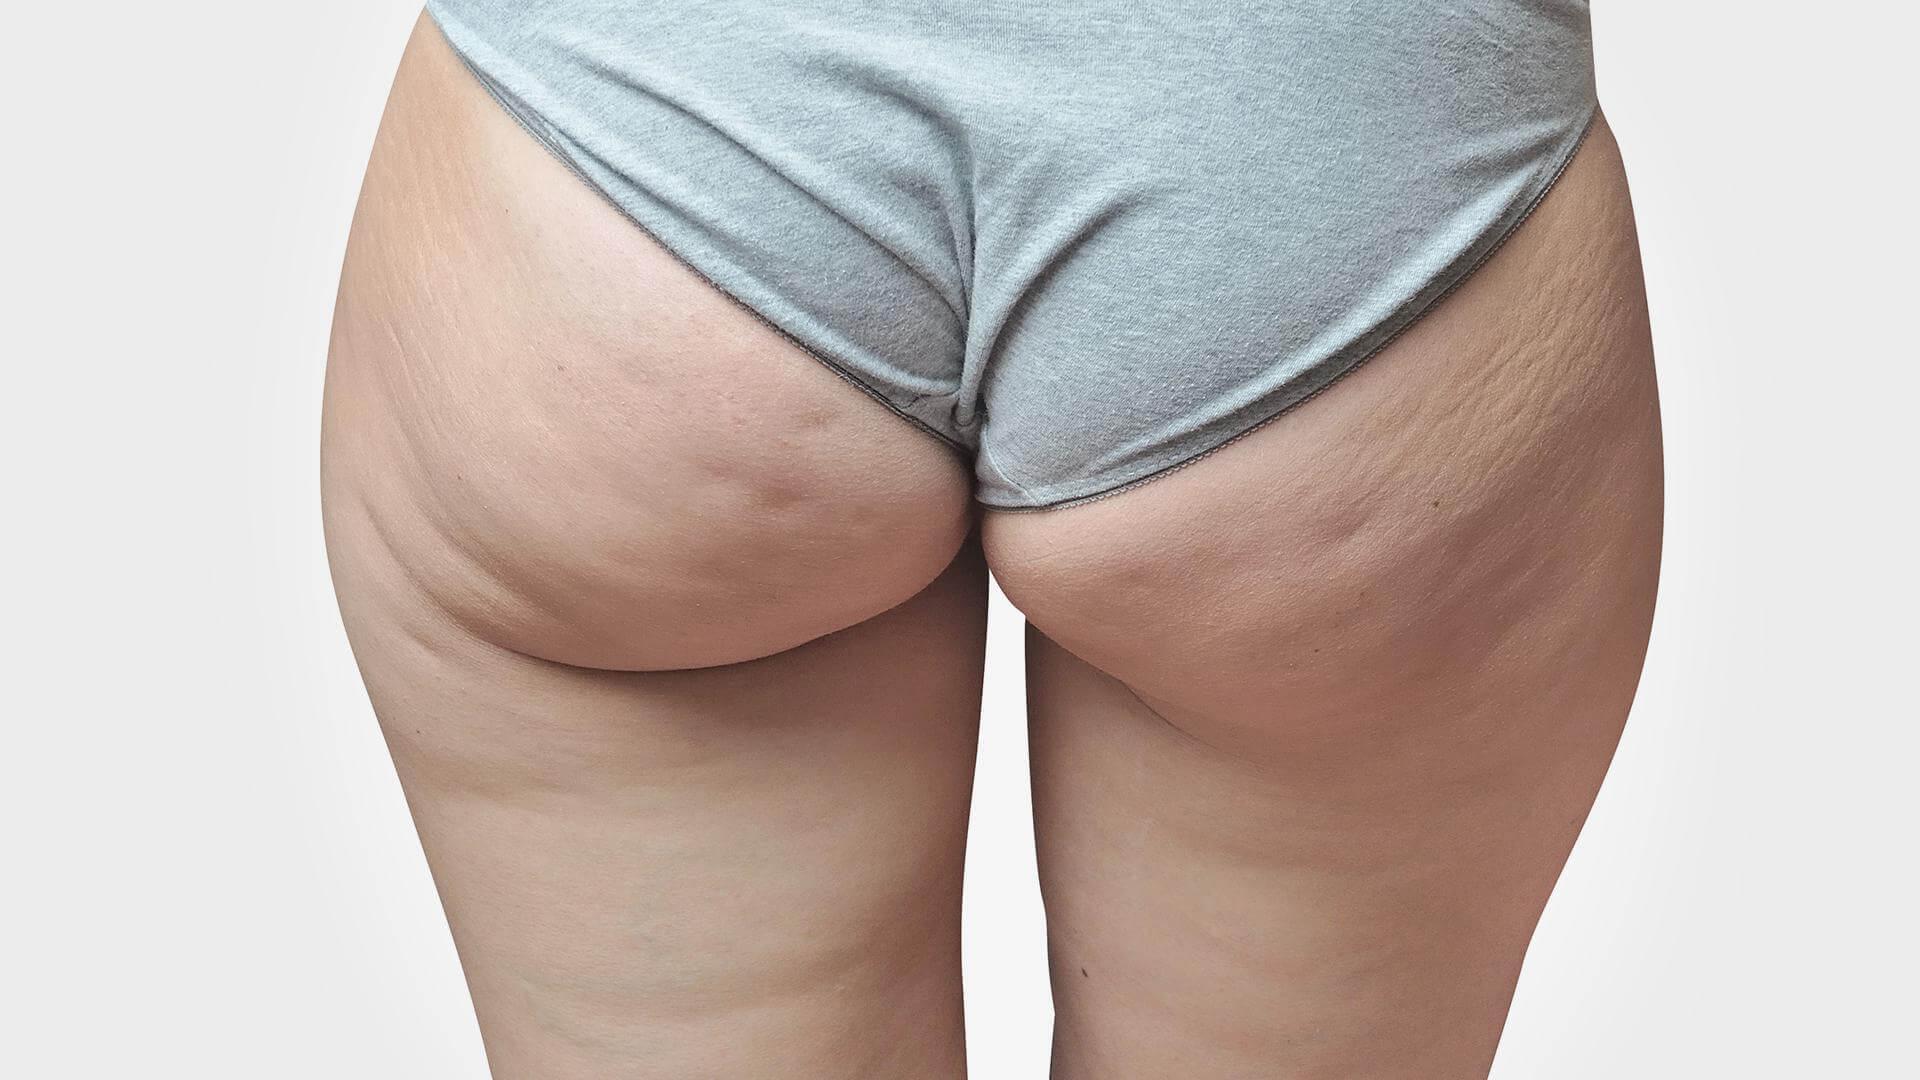 Comment perdre de la poitrine rapidement ? - communaute-hrf.fr